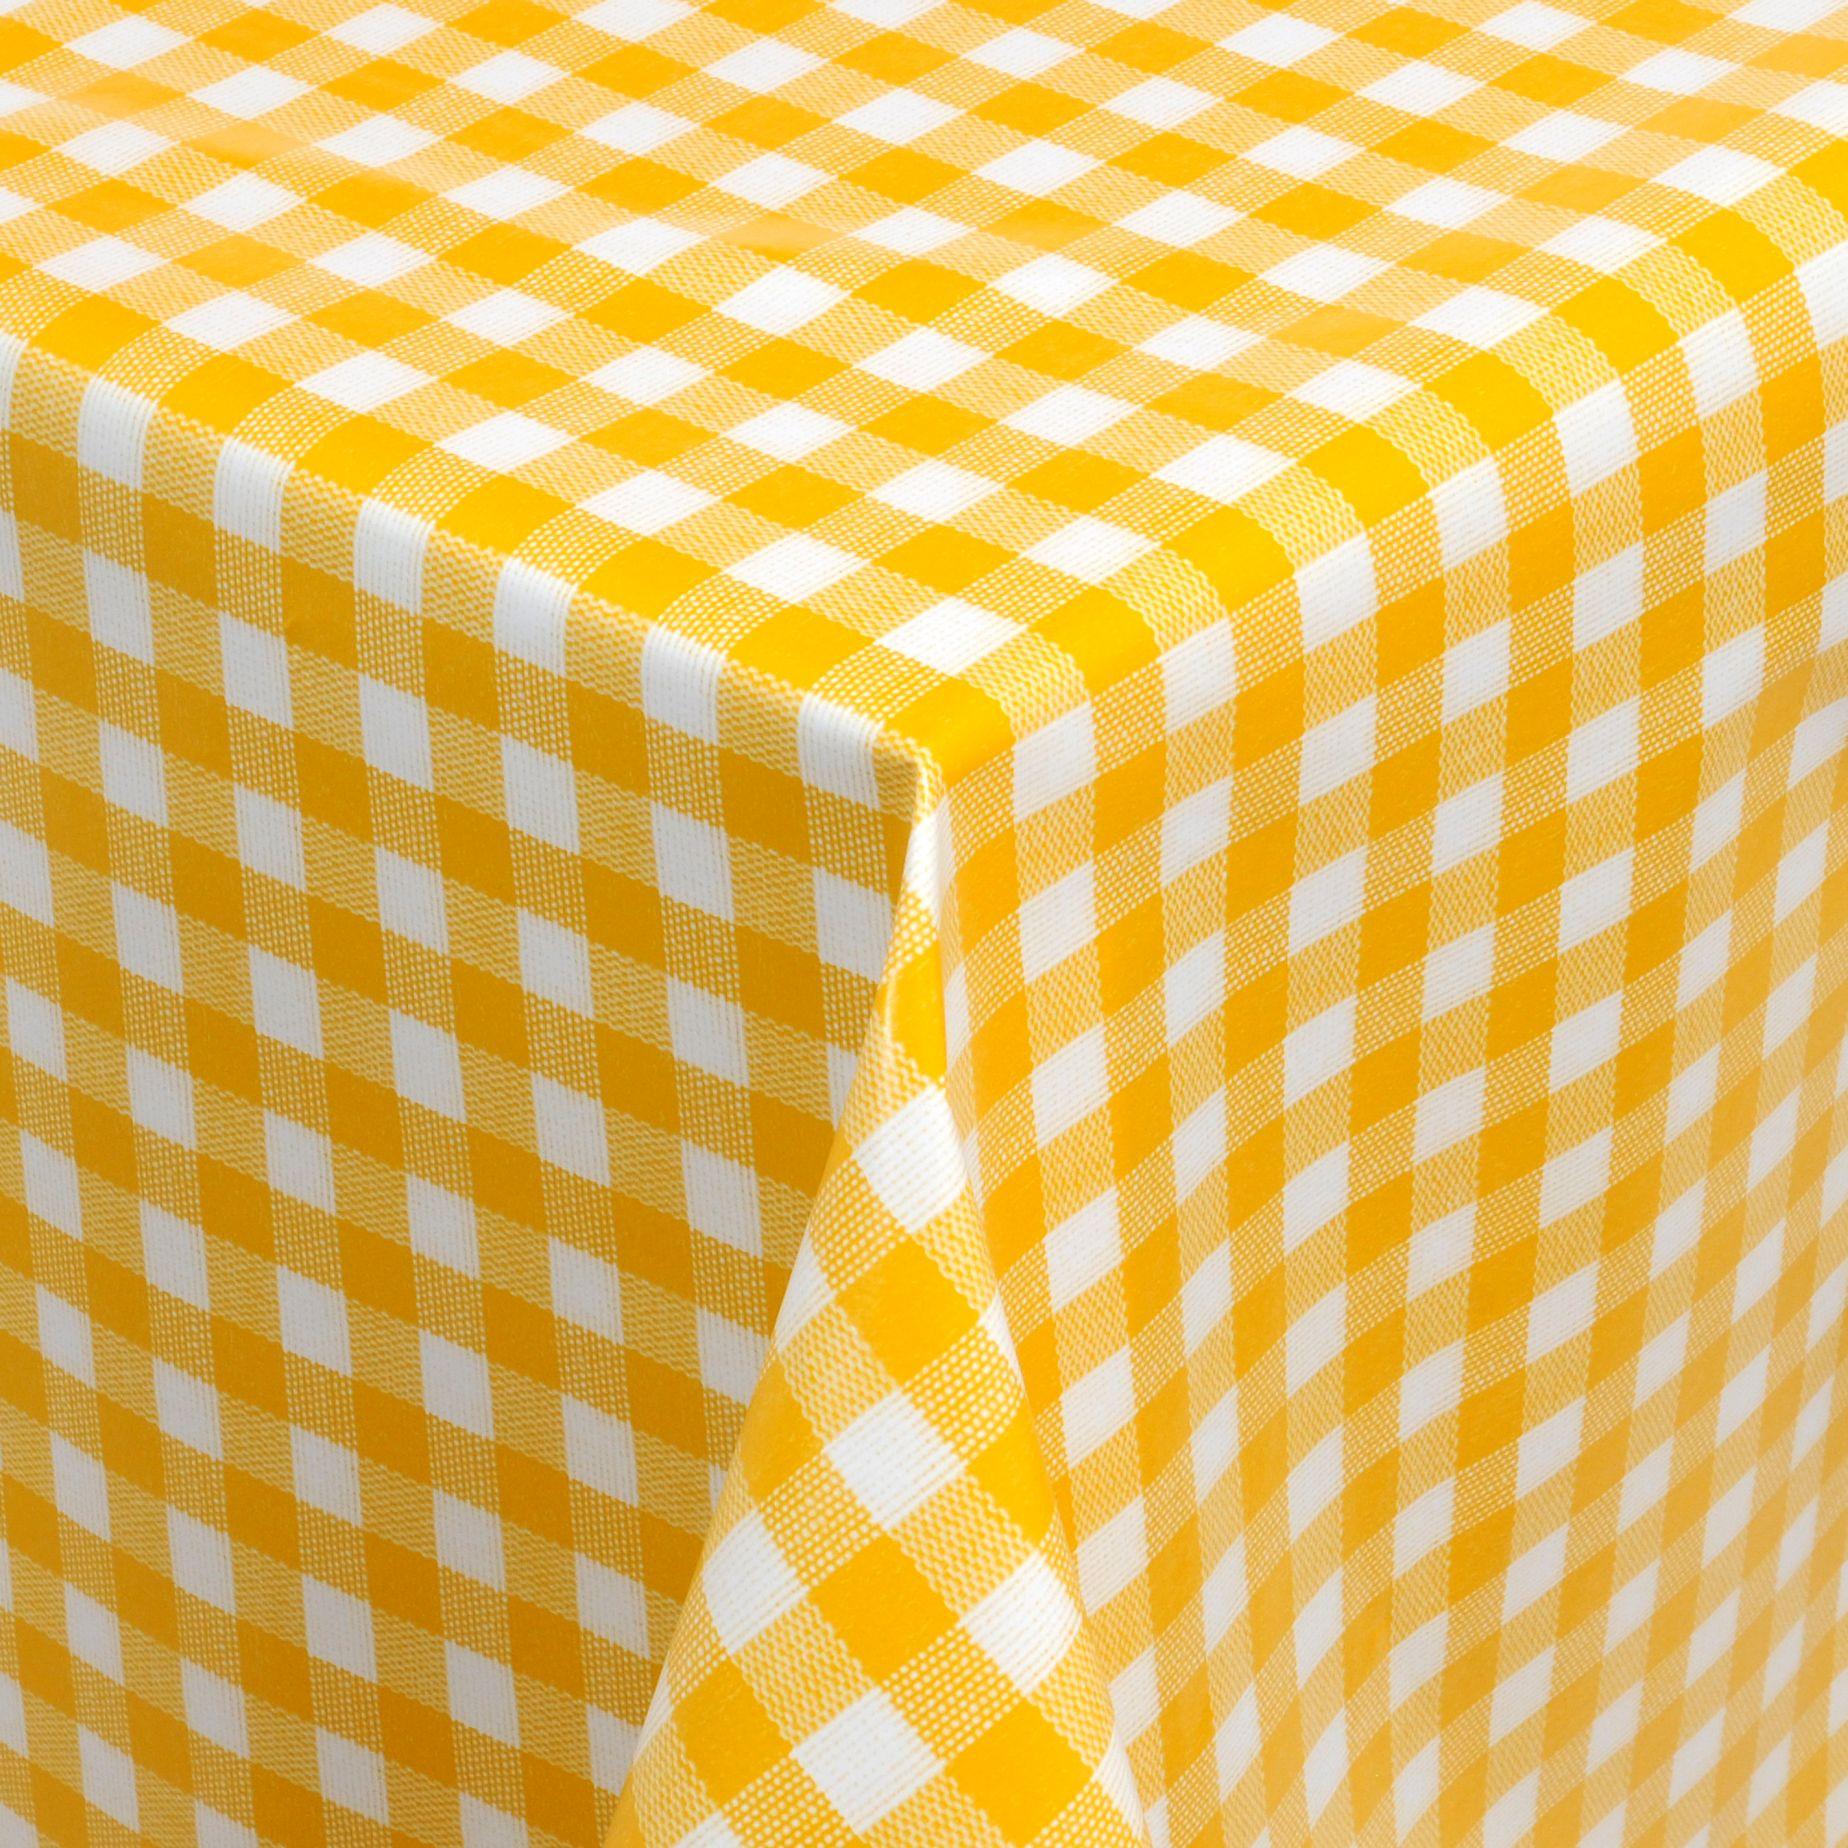 Tischdecke Wachstuch Ø 140 cm  Gartentischdecke abwaschbar verschiedene Farben